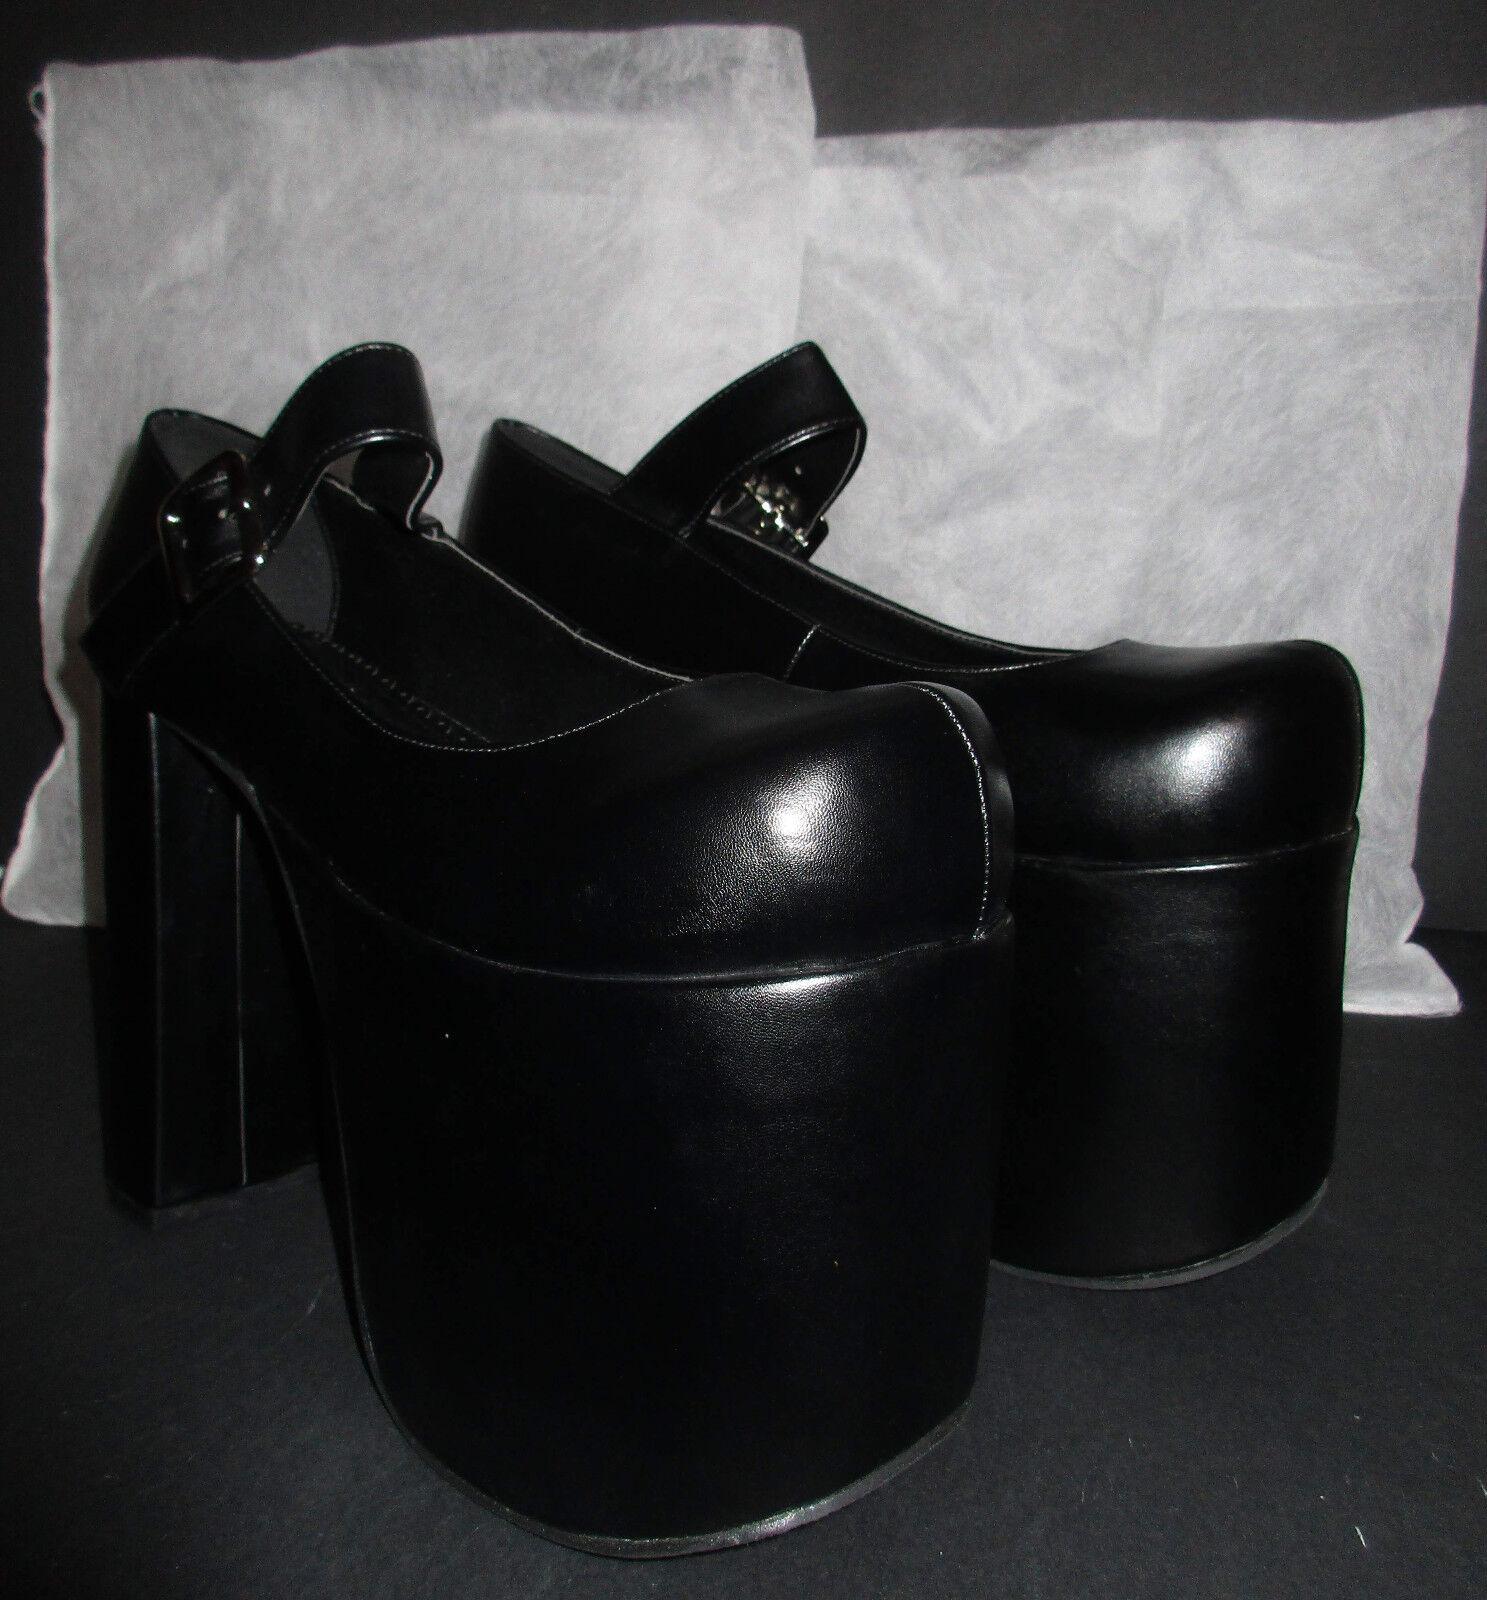 Schwarze Lolita Plateauschuhe, 15 cm Absatz, Größe 44 (NEU!)